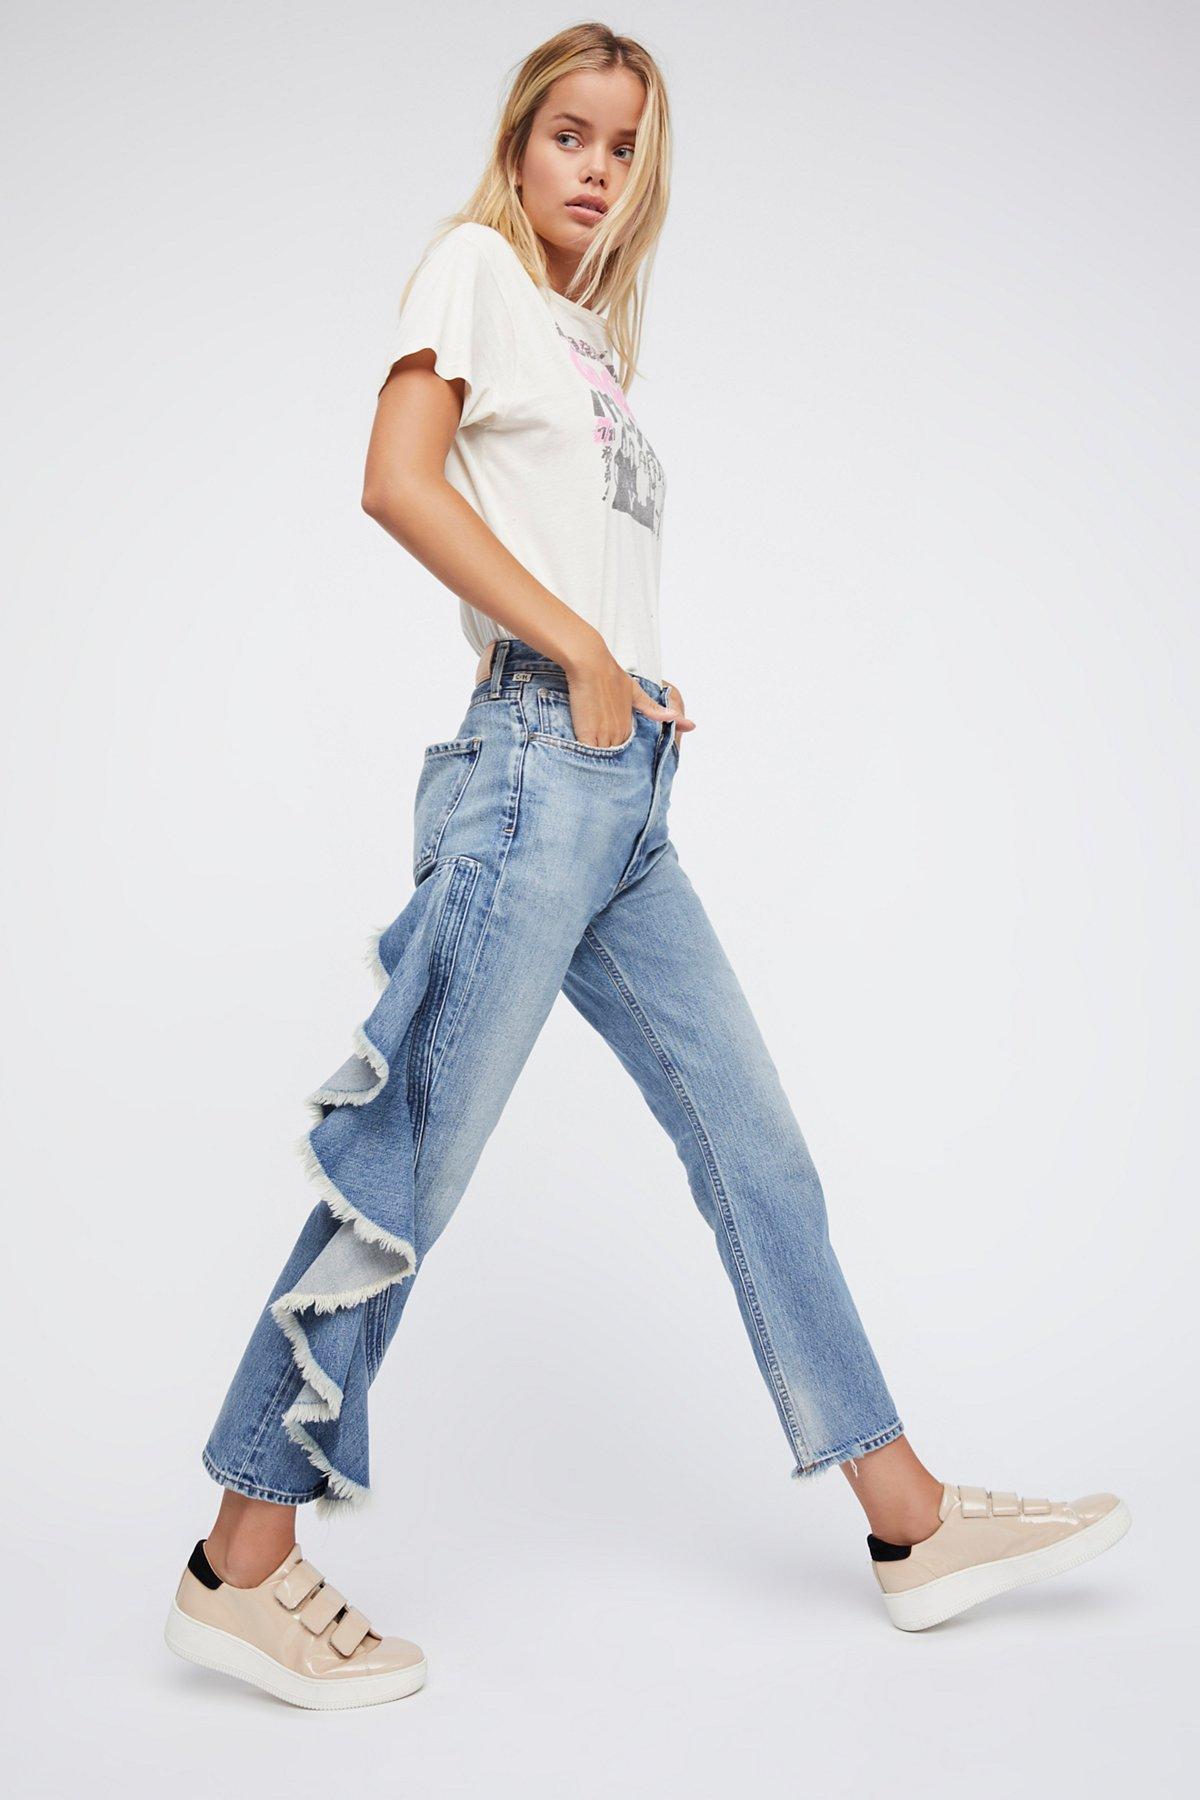 Estella Side Ruffle Jean